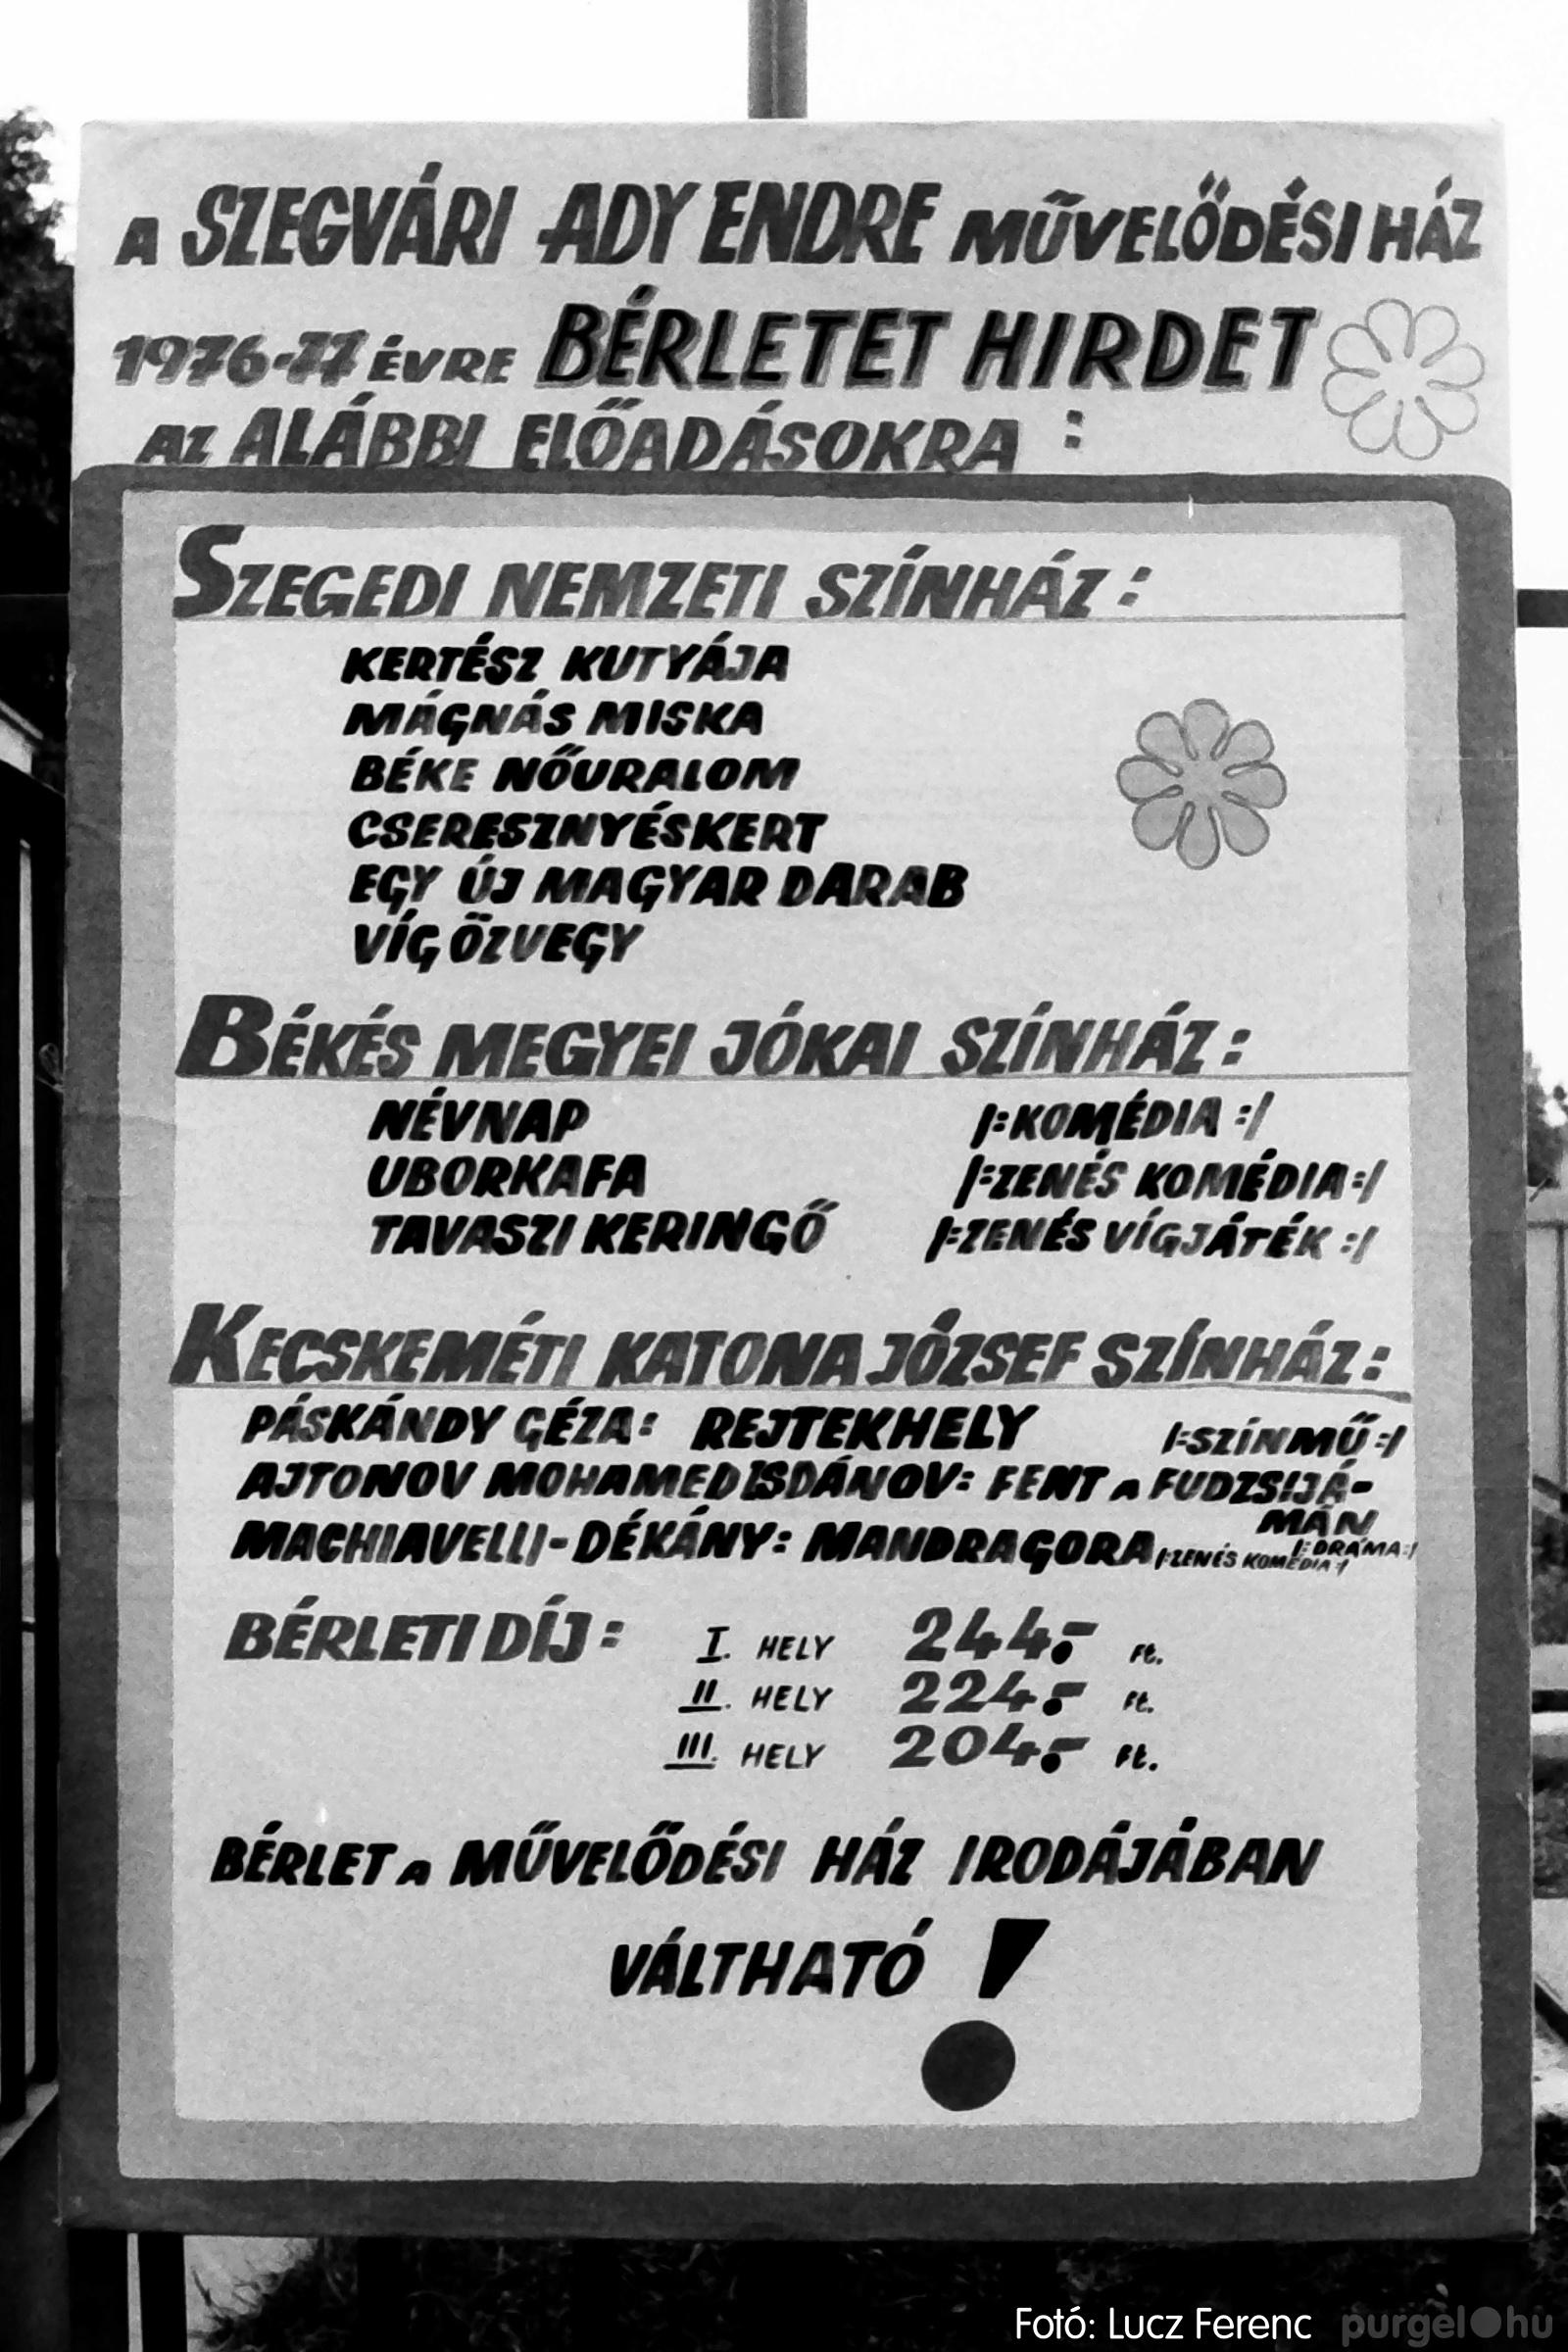 053. 1976. Klubdélután 006. - Fotó: Lucz Ferenc.jpg